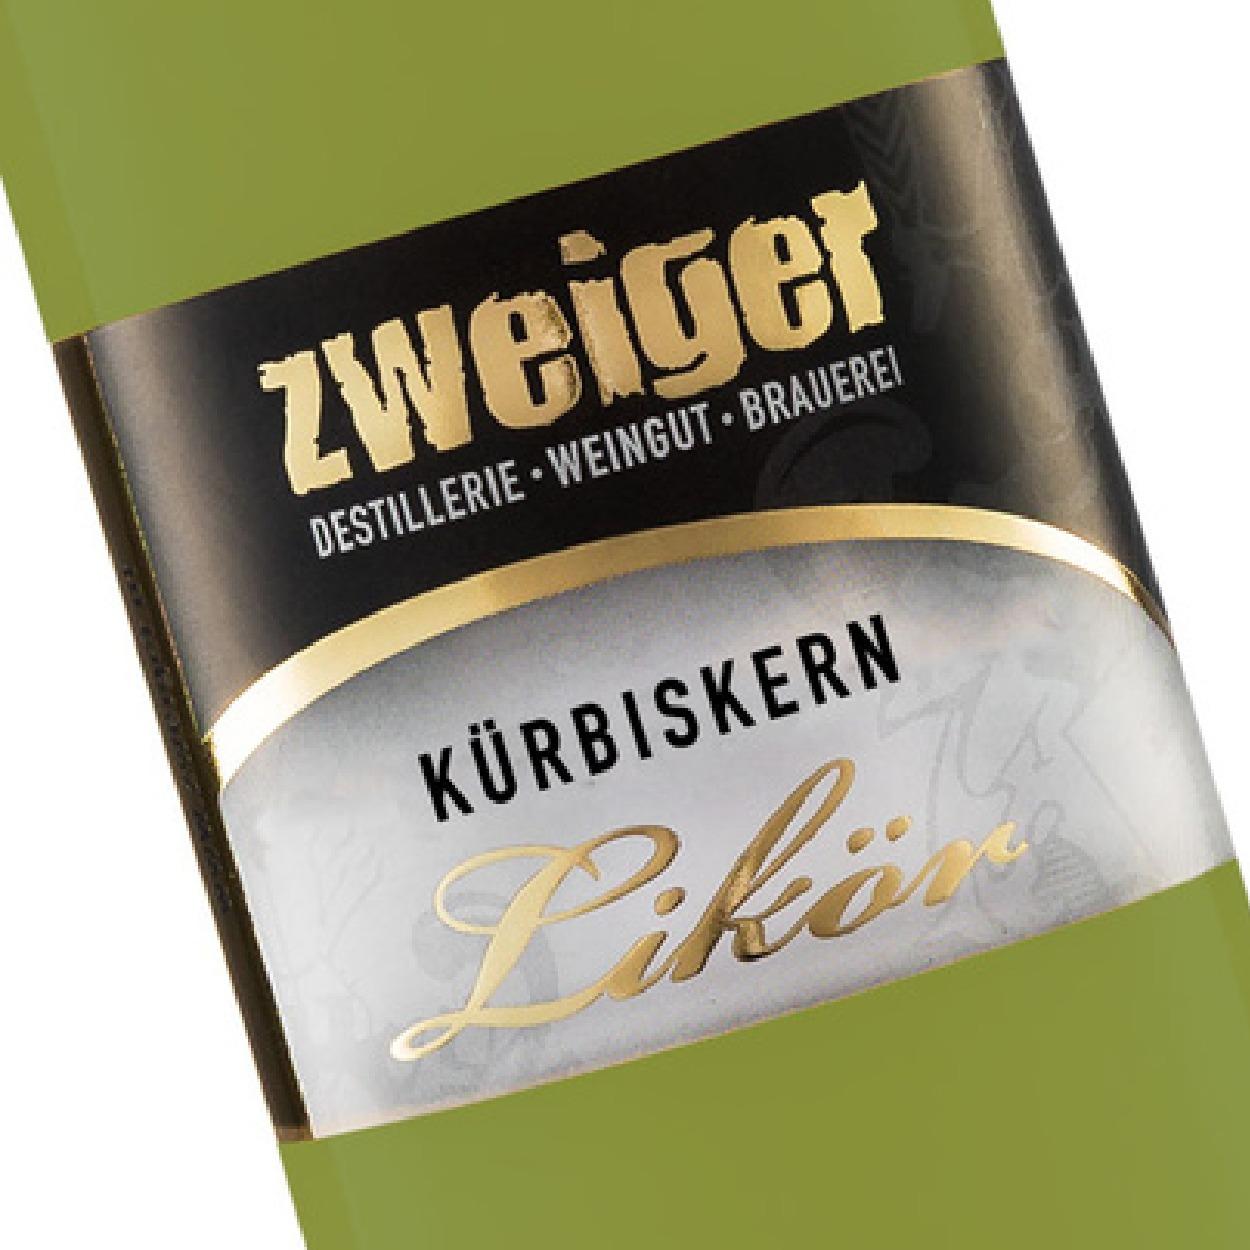 Kürbissen remelikör Zweiger Destillerie